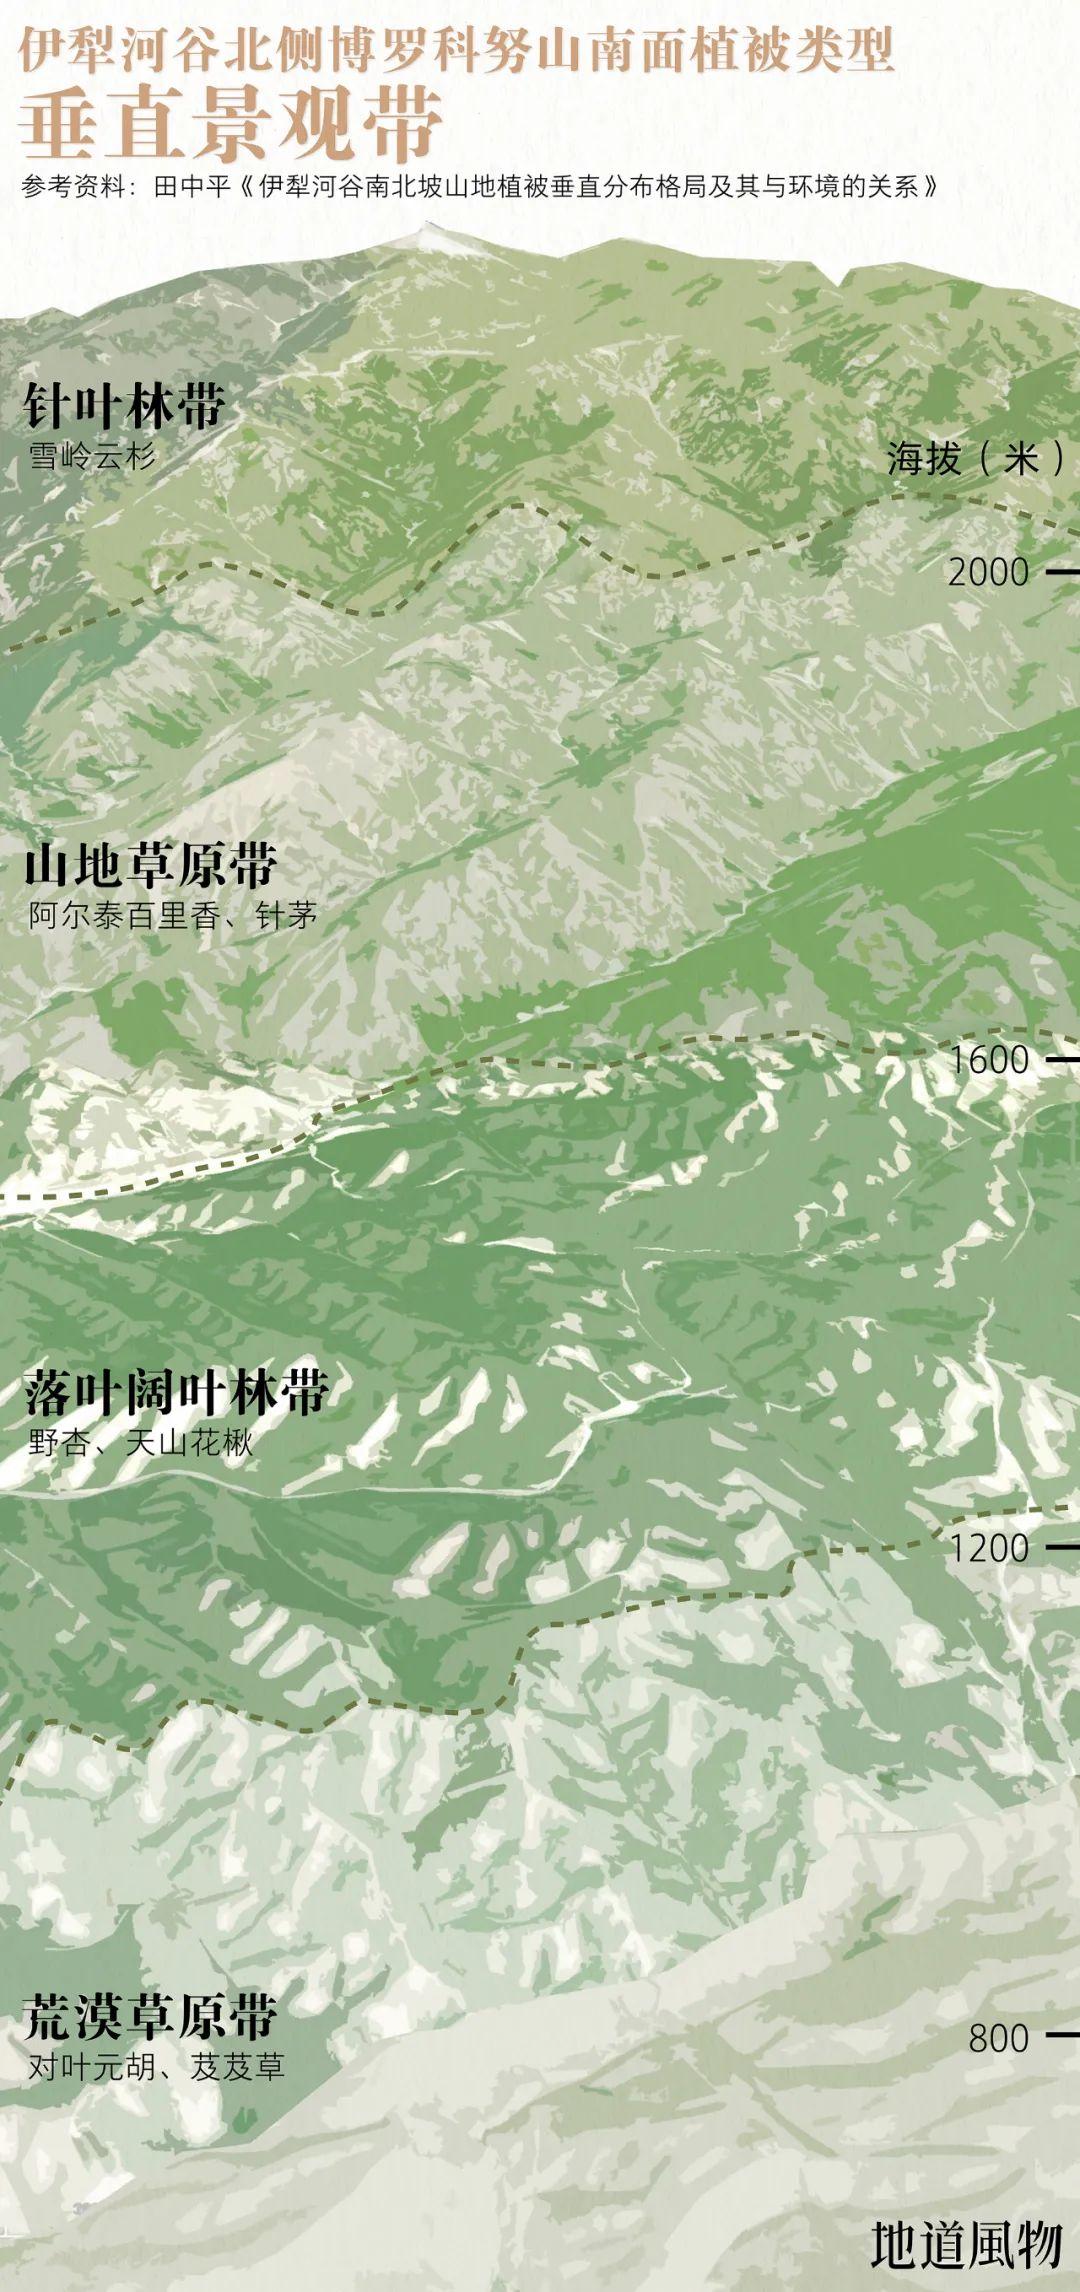 ▲ 迎风的伊犁河谷北侧,降水相对丰富,山地植被也更为茂盛。 制图 /F50BB